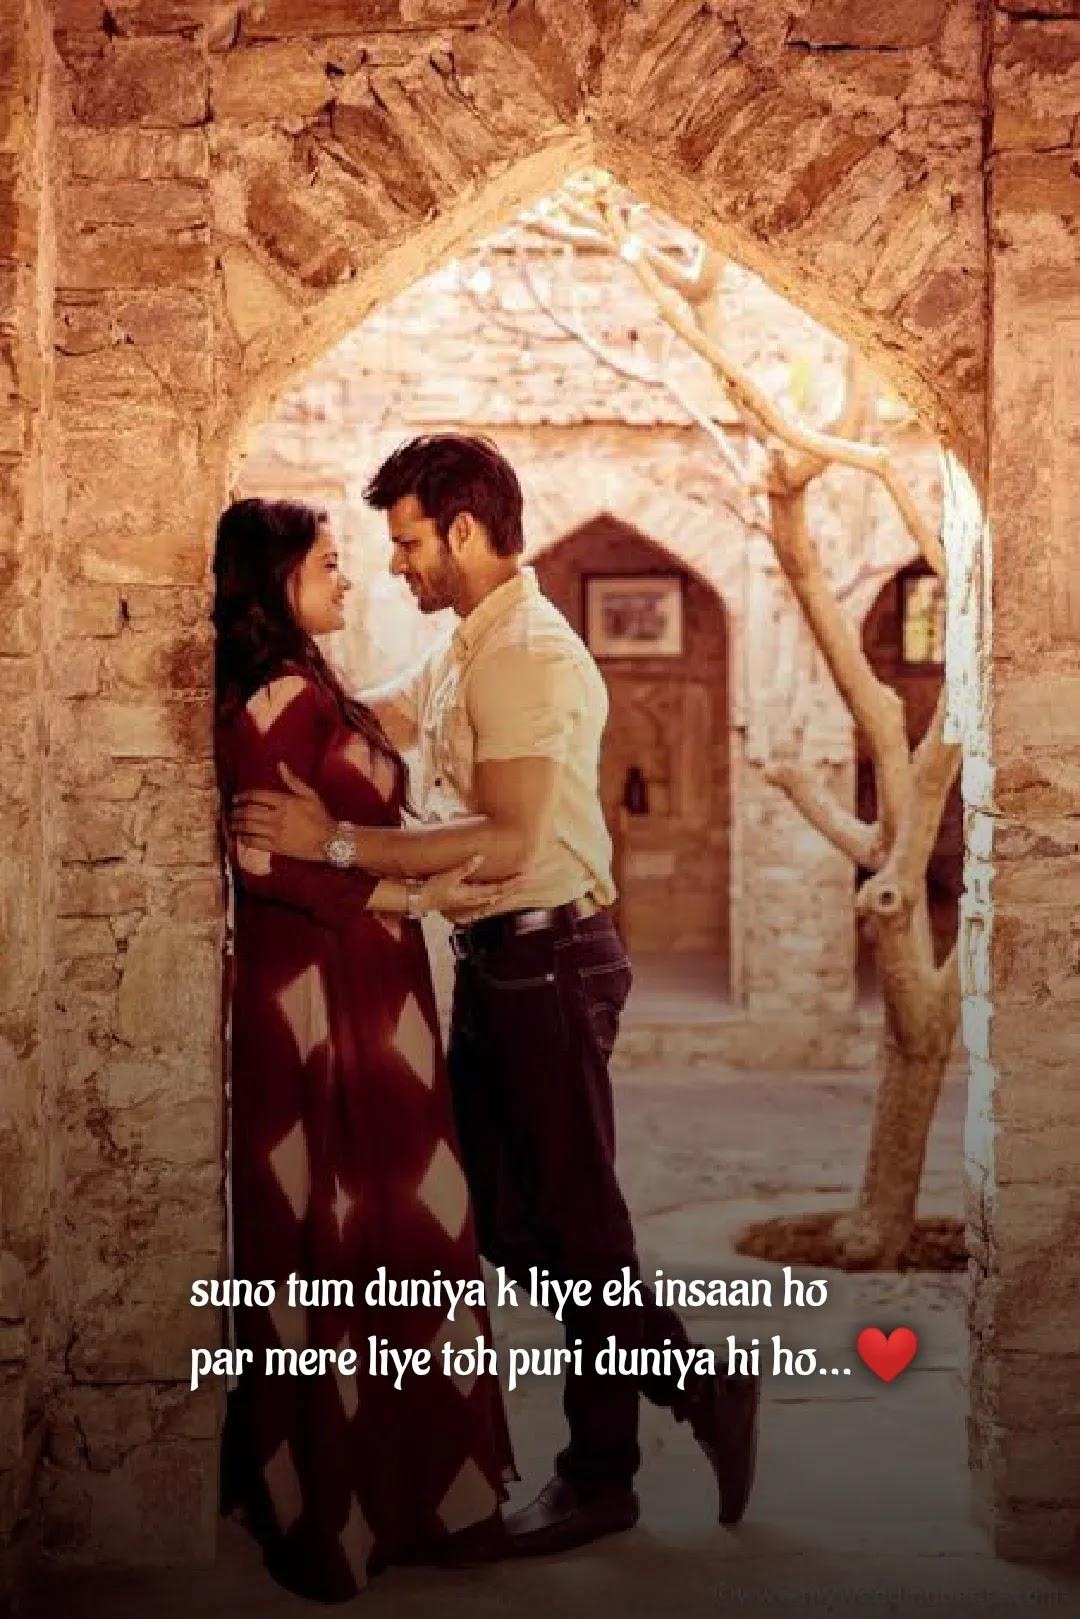 New Love Shayari | न्यू लव शायरी हिंदी